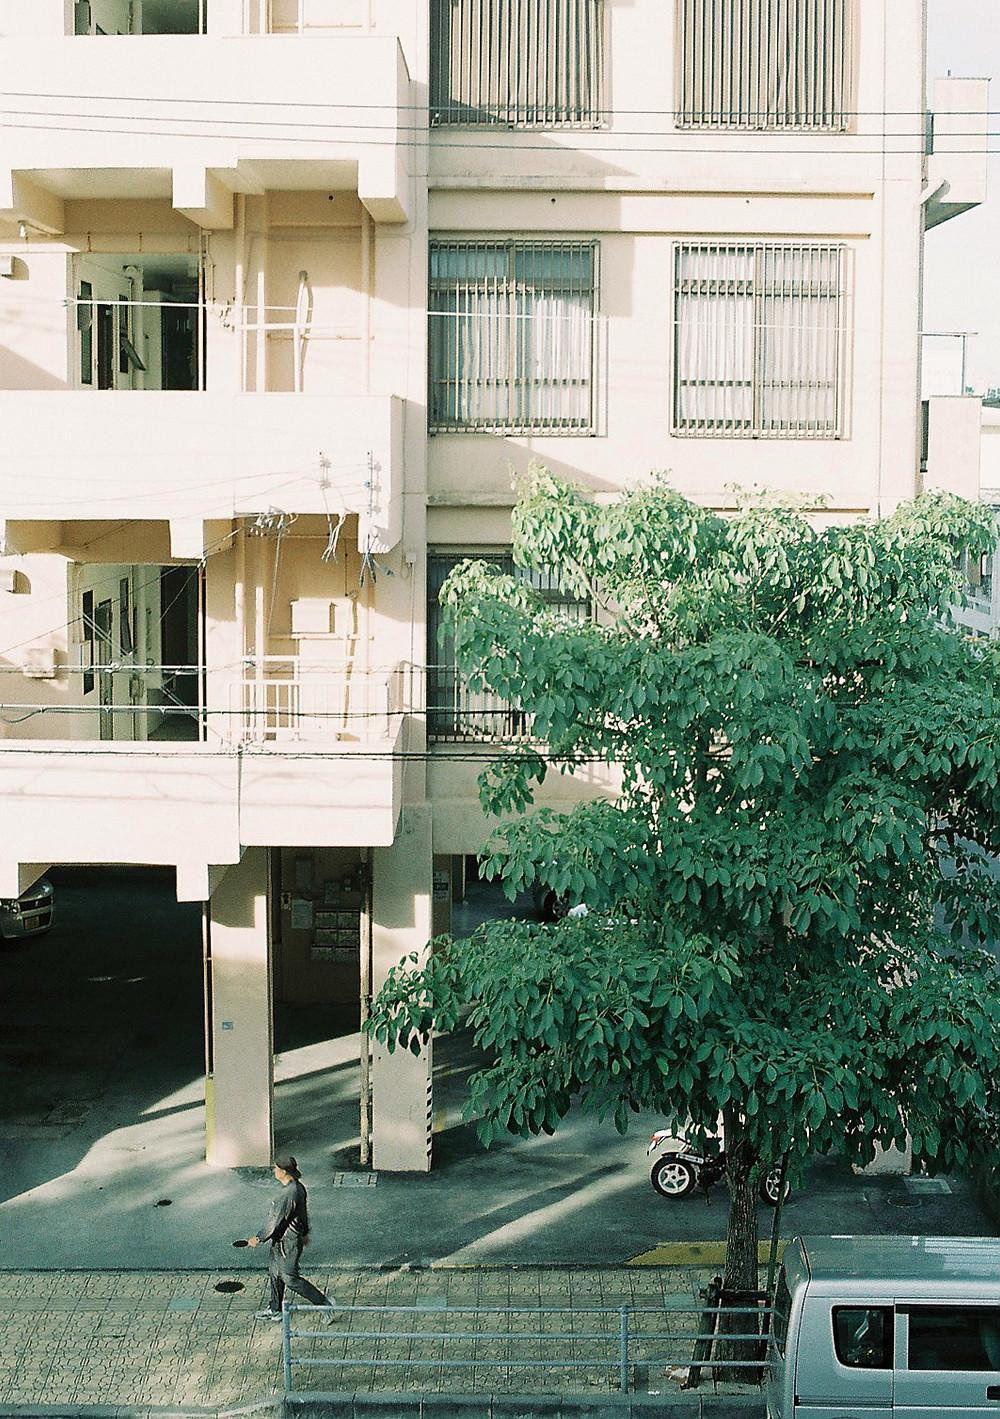 NikonF3_05